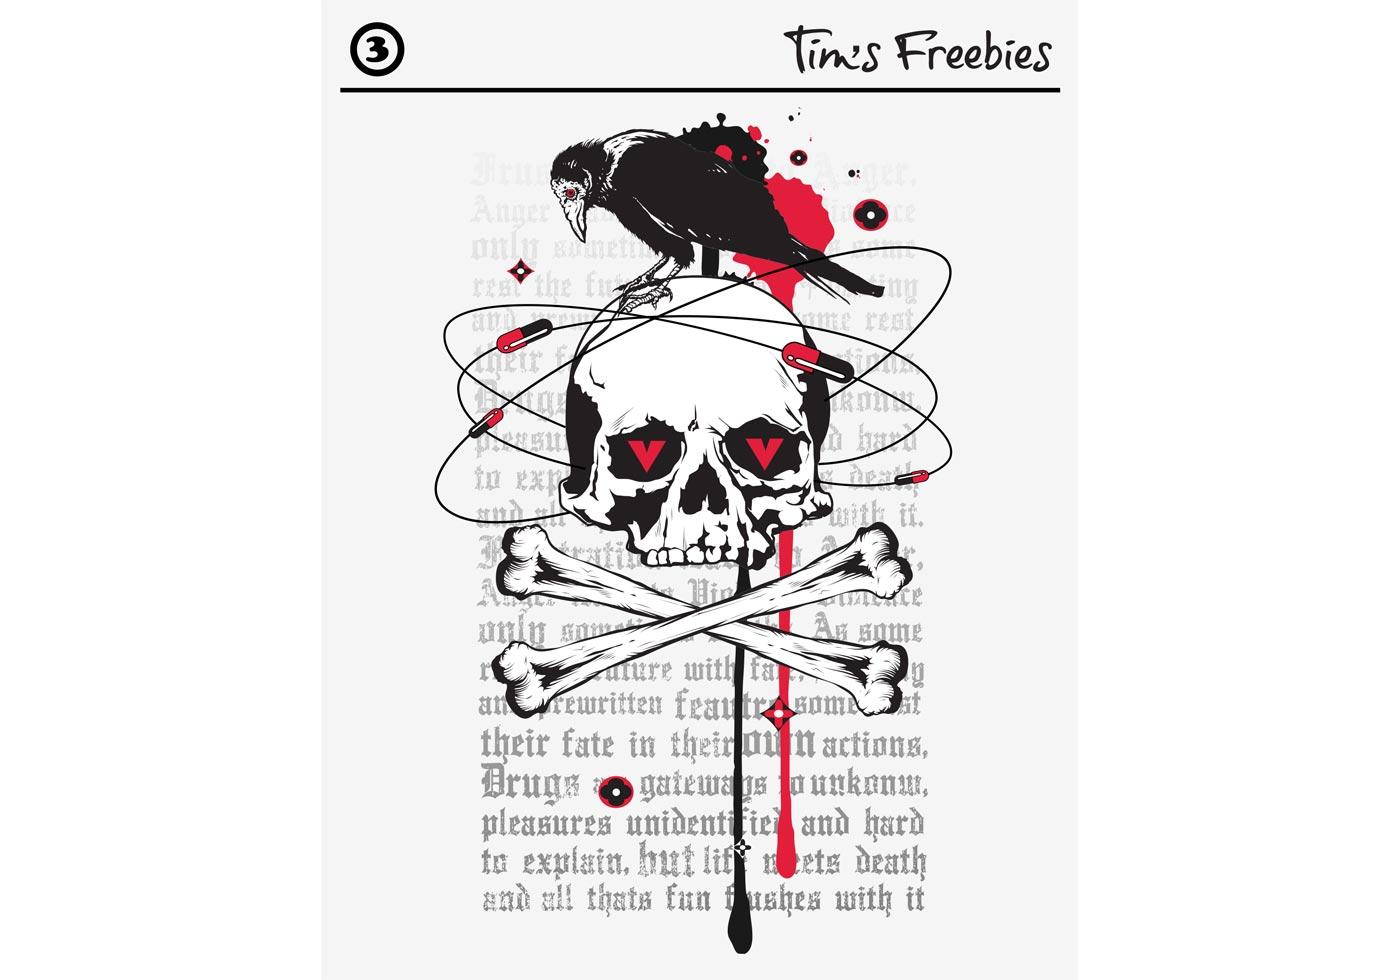 Tim S Freebie 2 Hallucination